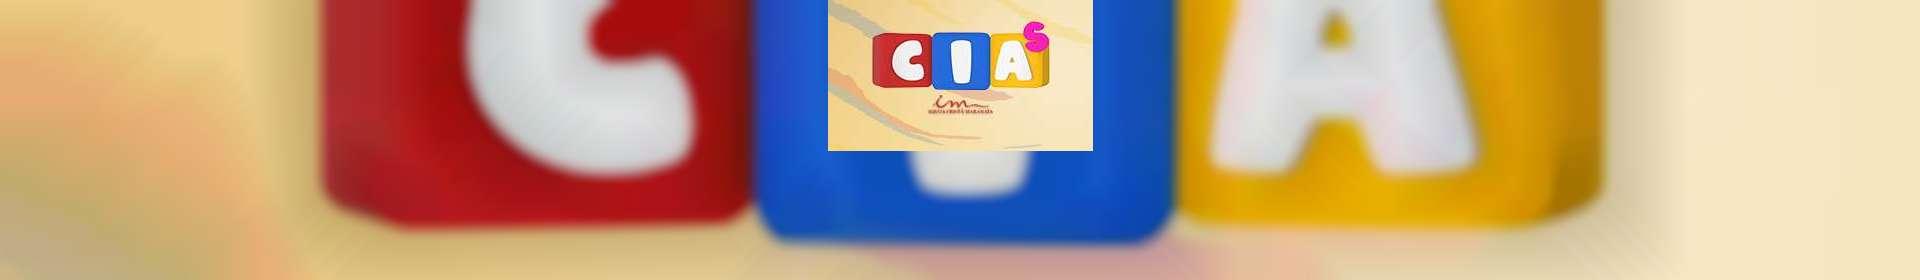 Aula de CIAS: classe de 07 a 11 anos - 23 de julho de 2020